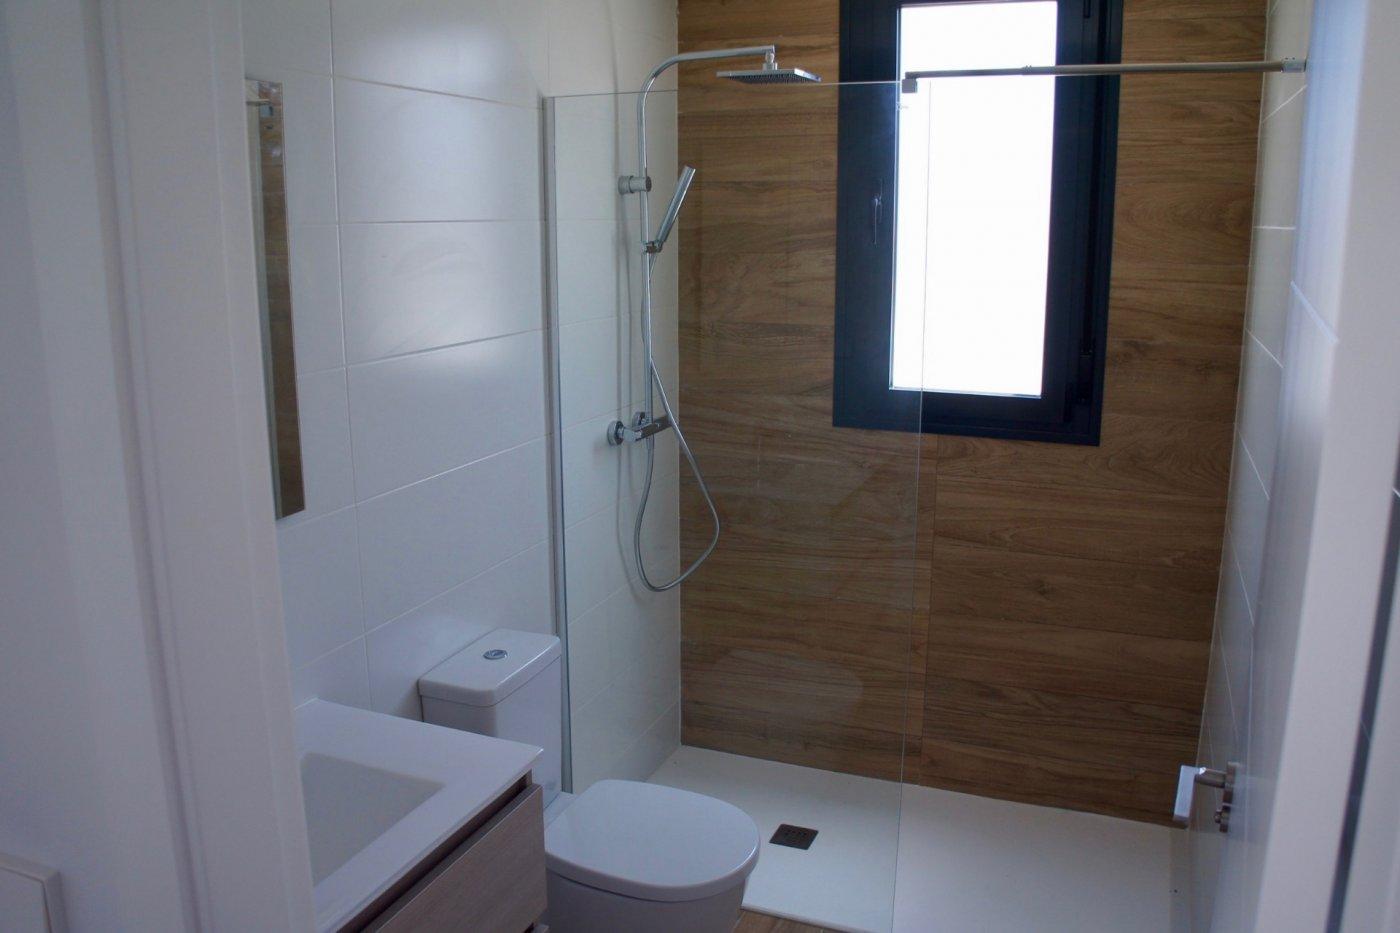 Gallery Image 14 of Nuevo apartamento listo en la planta superior de 2 dormitorios a solo 2 minutos a pie de las playas,